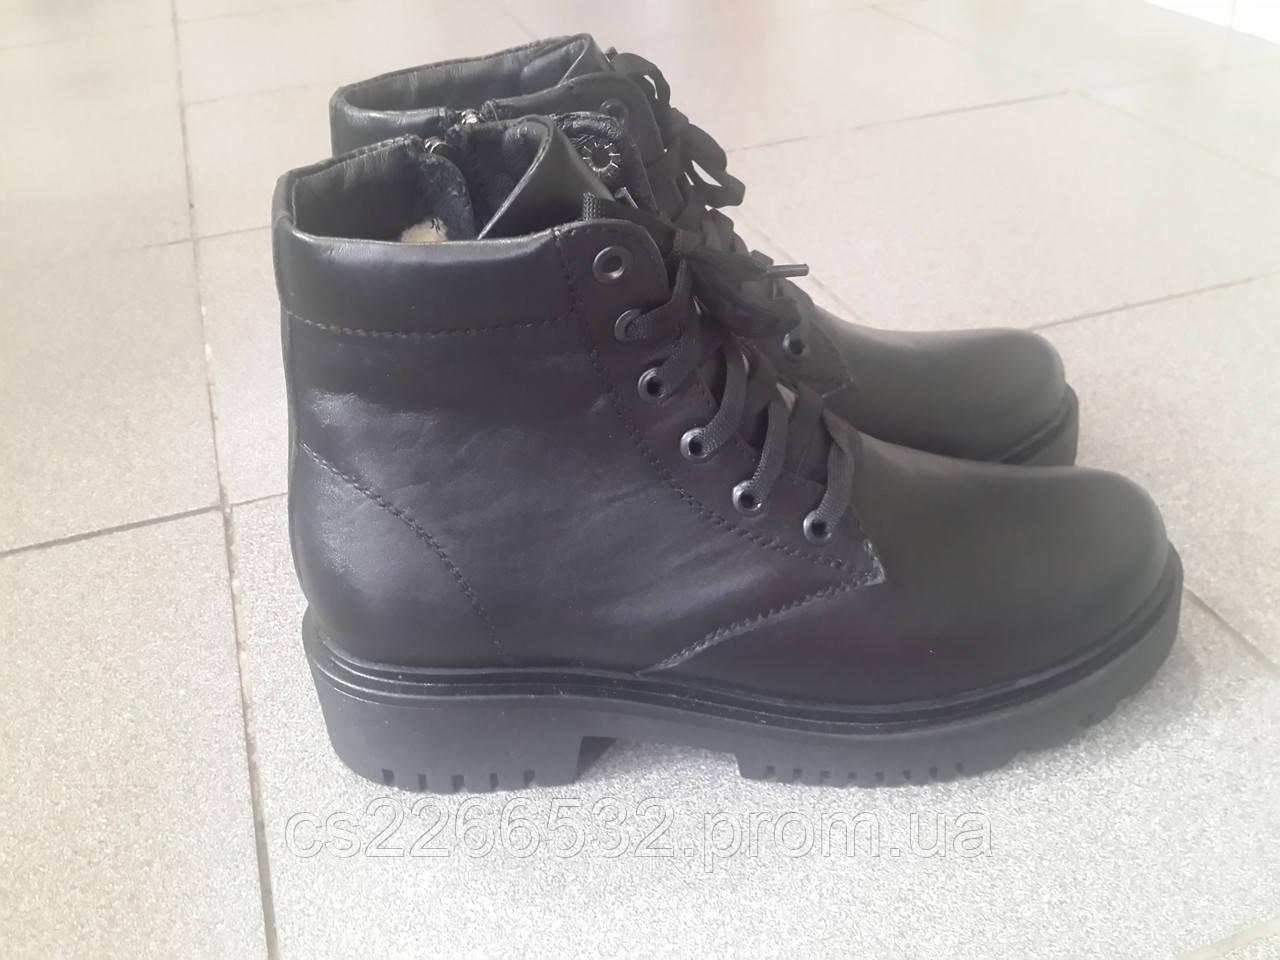 74e74ee50 Женские кожаные ботинки зима: продажа, цена в Виннице. ботильоны ...